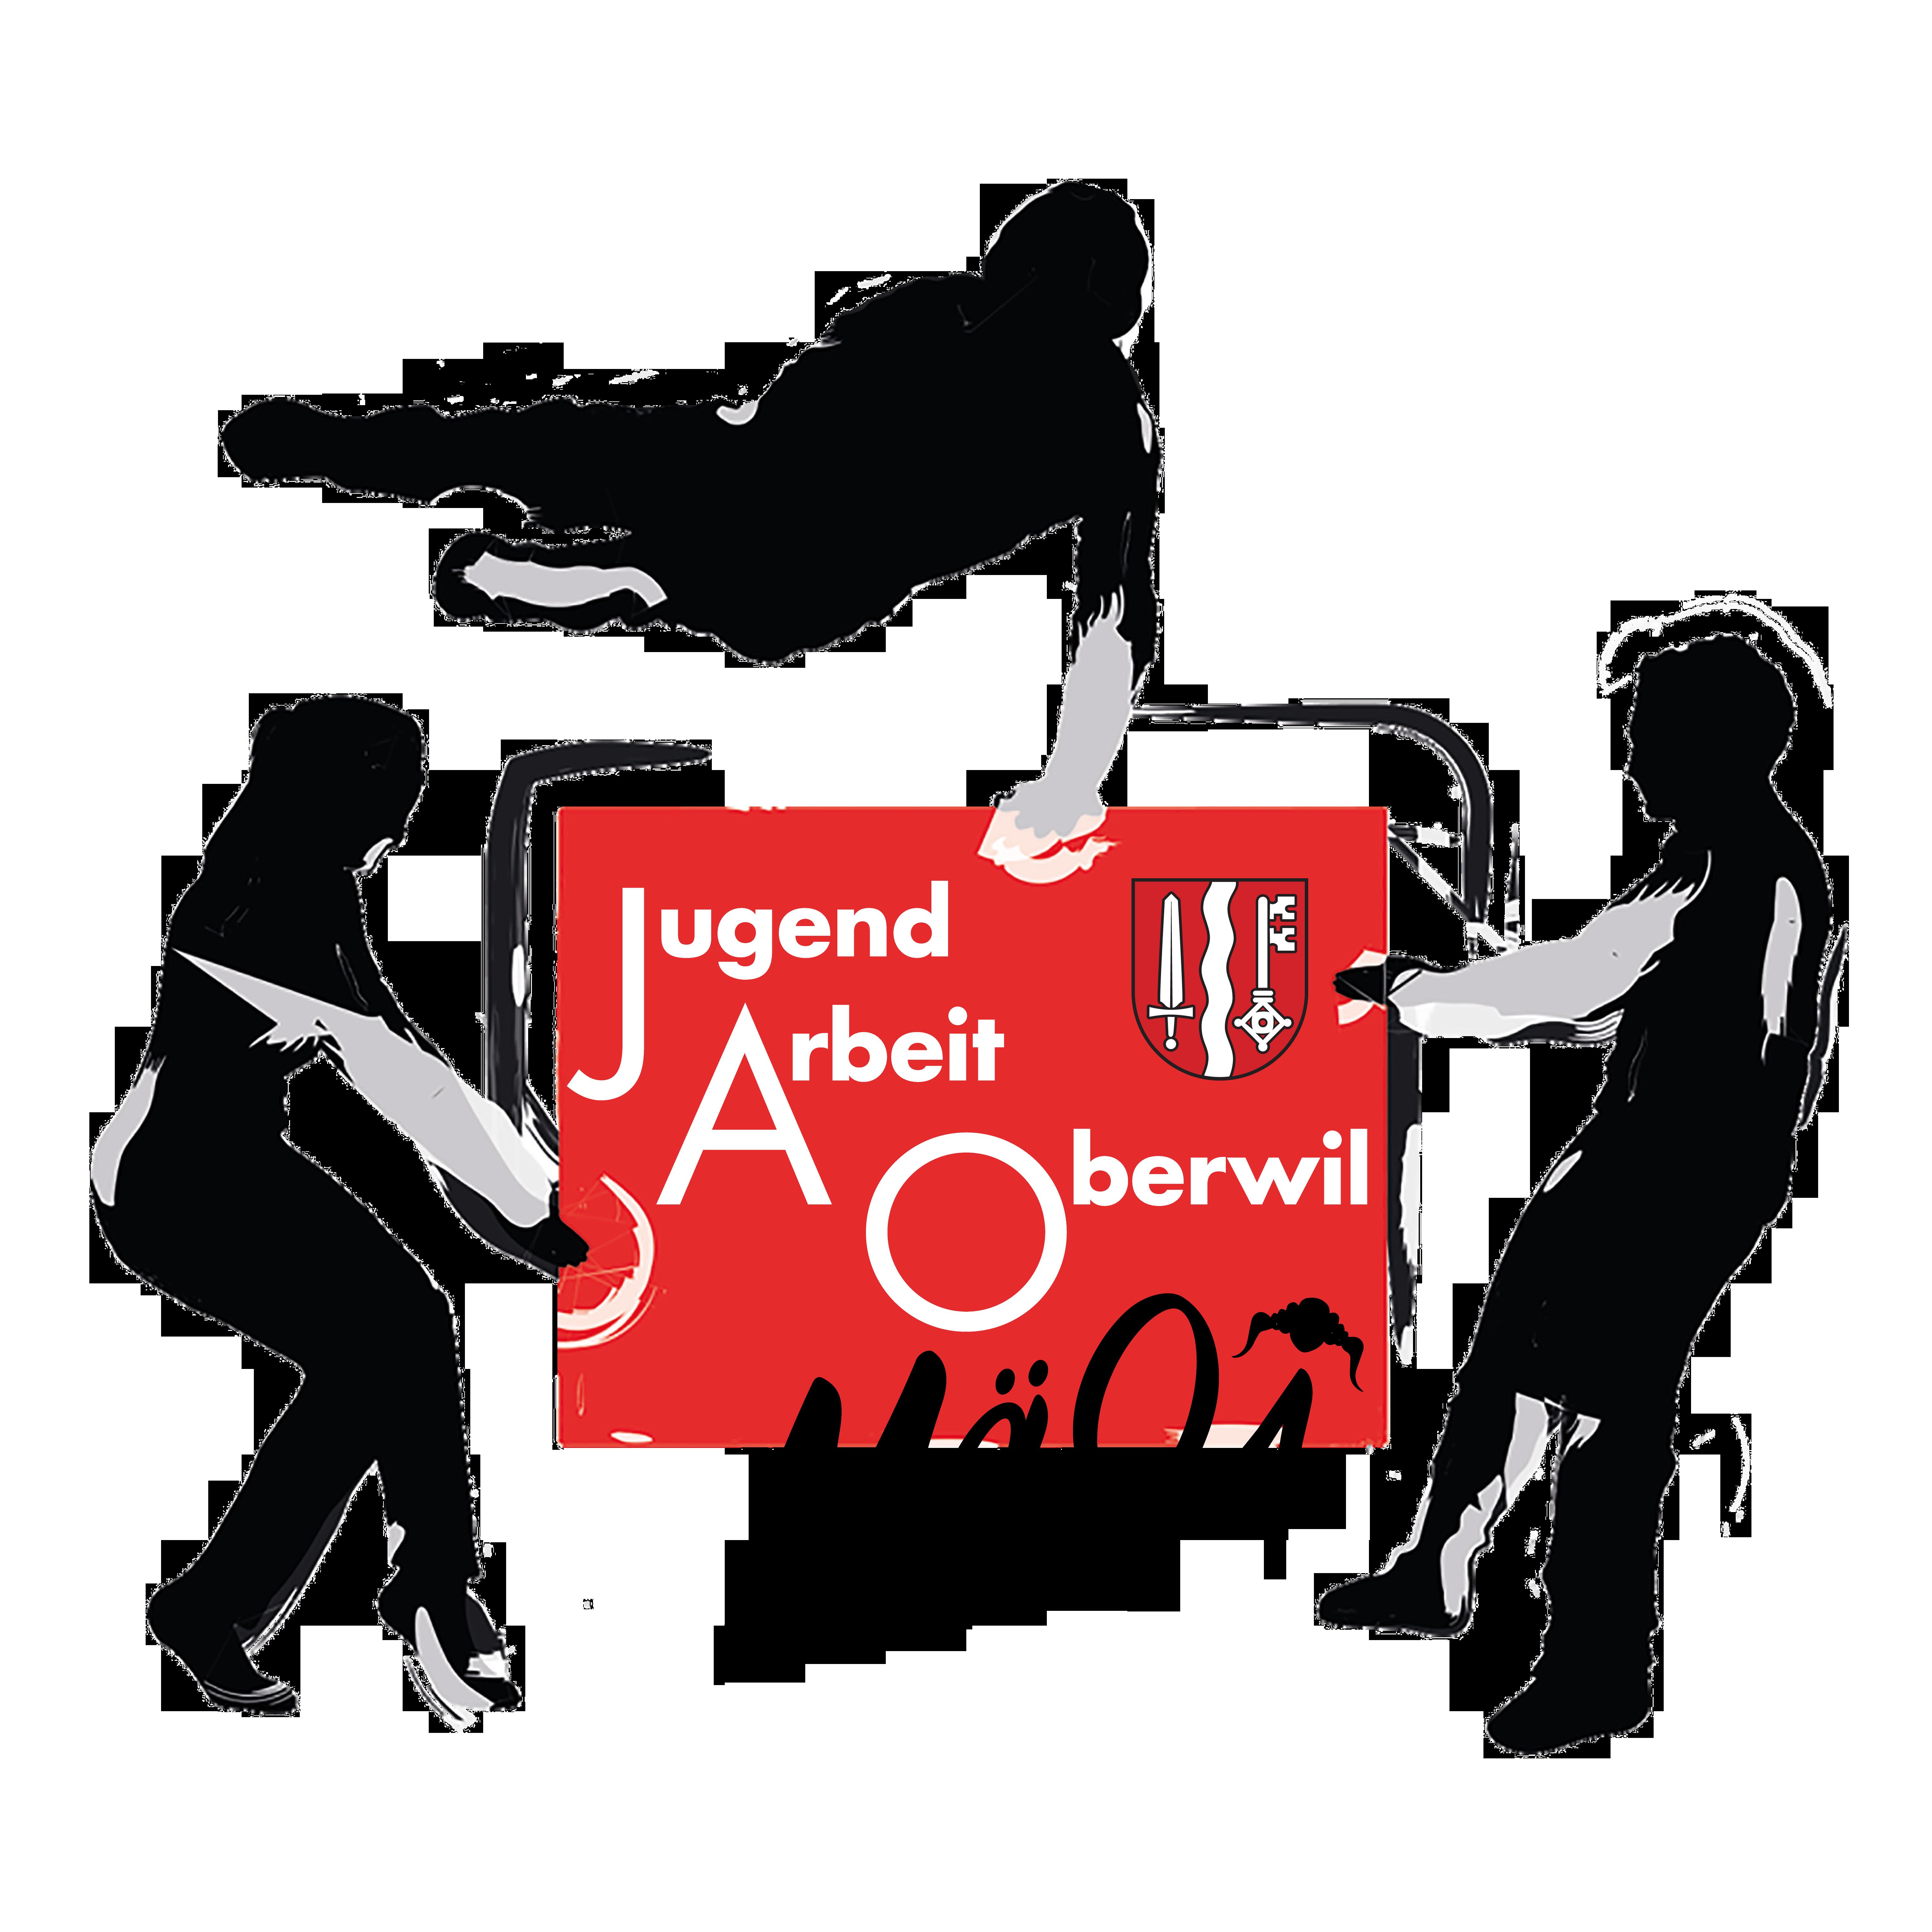 Logo Jugendarbeit mit Wappen gute Qualität